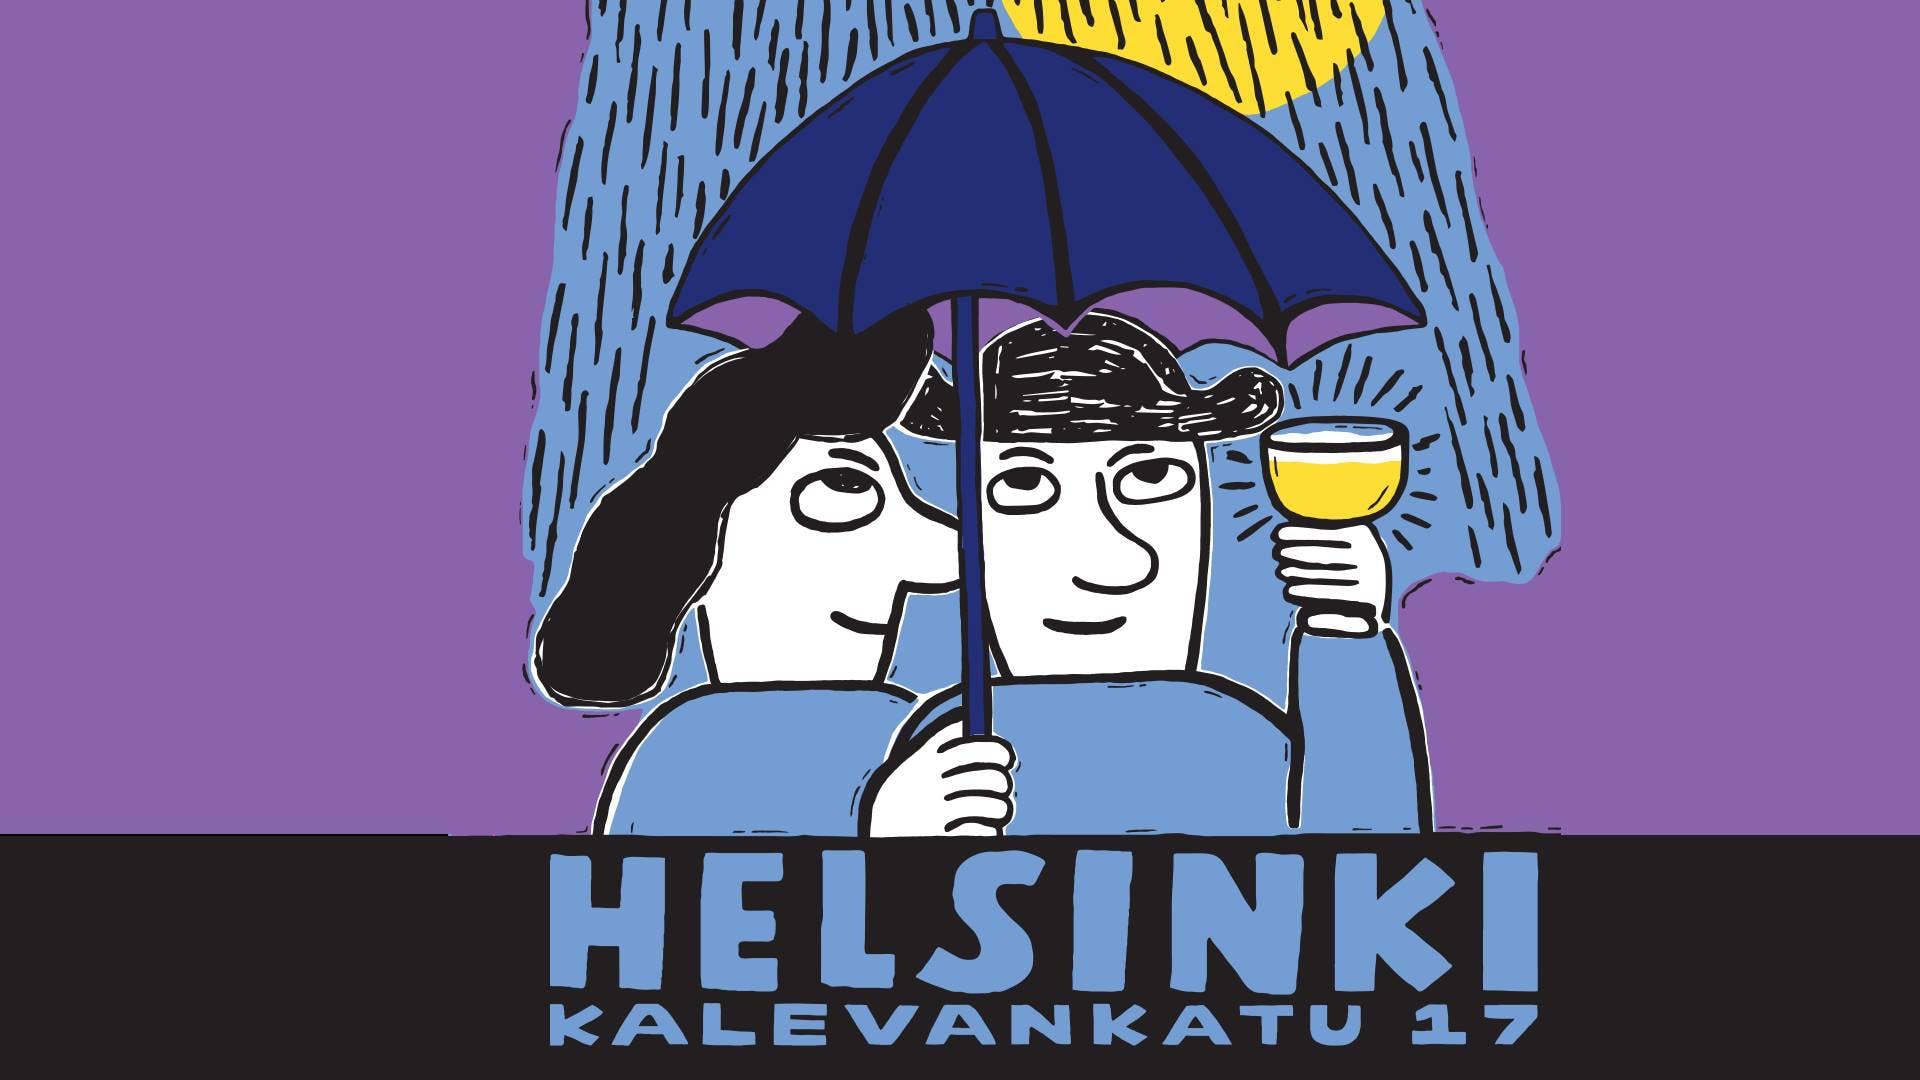 Mikkeller Helsinki